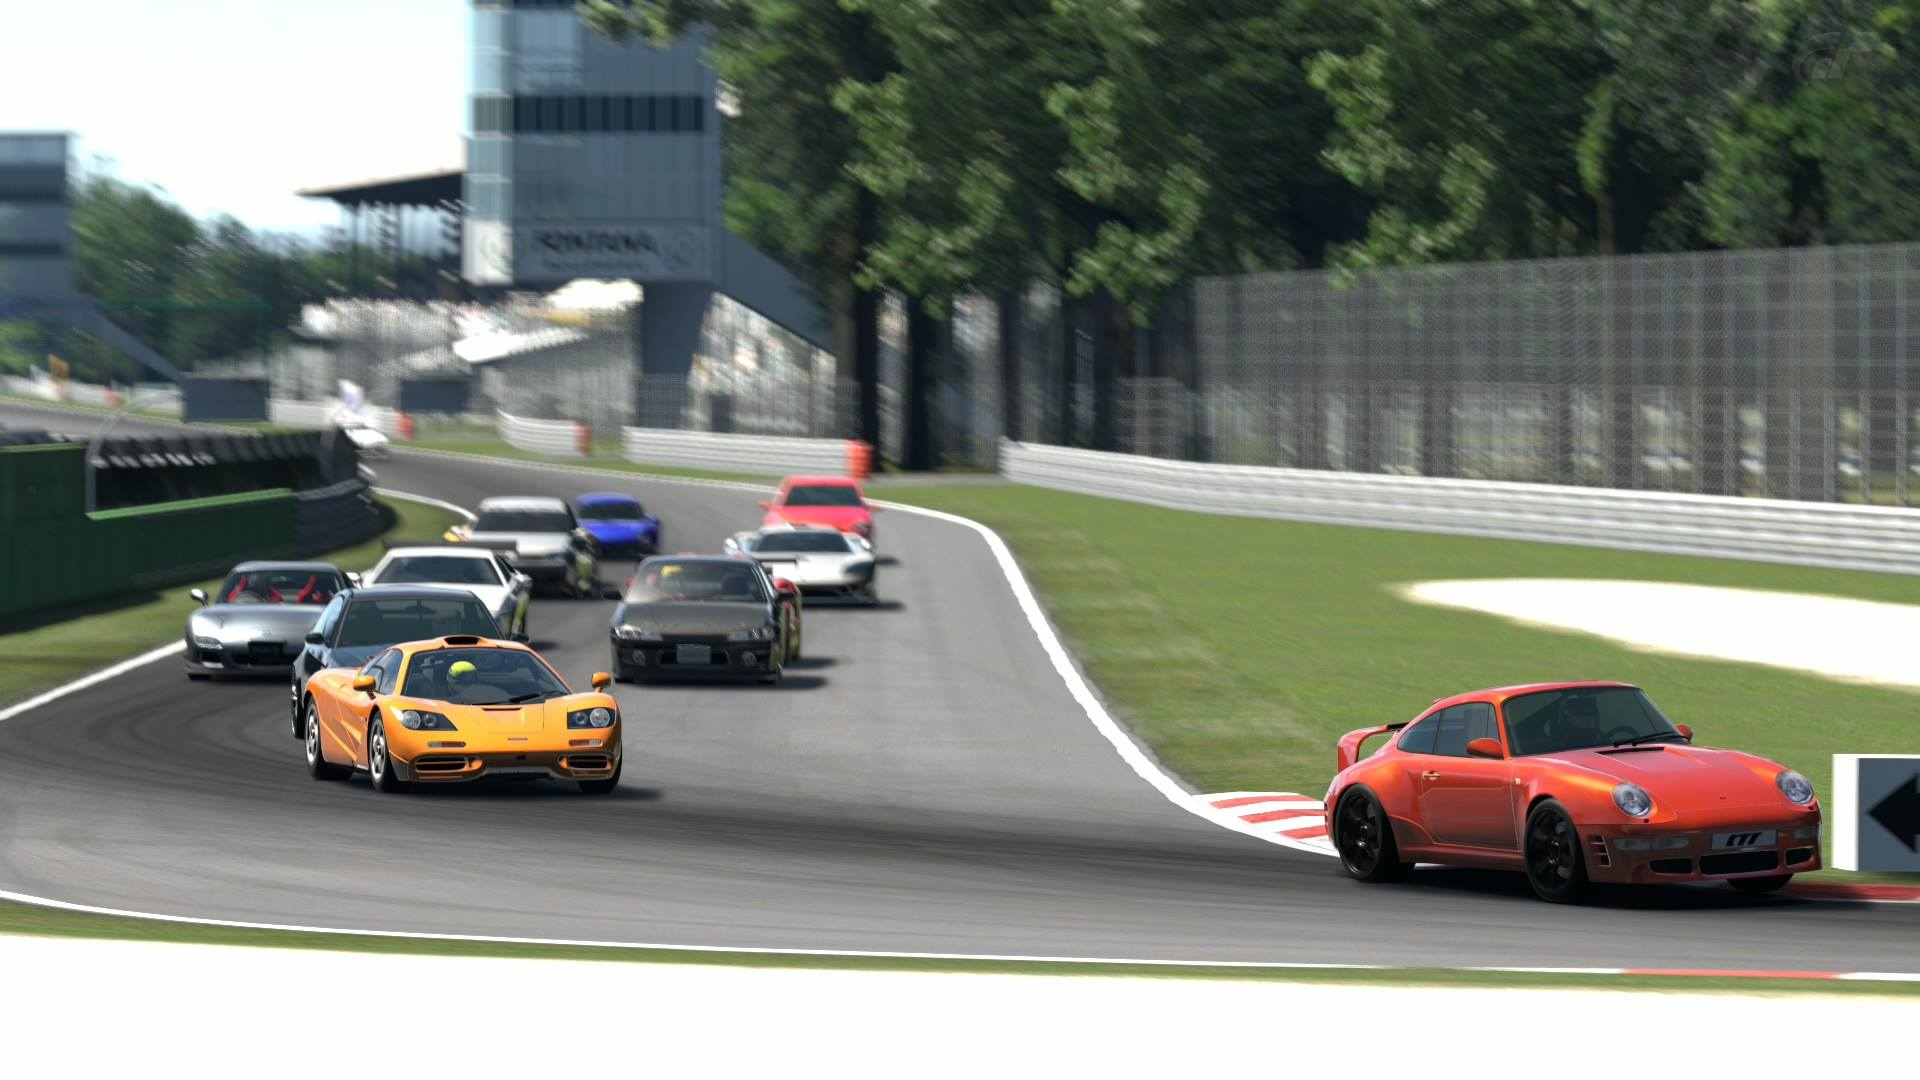 GT6MCR Autodromo Nazionale de Monza 80 2 bat 02082014 4.jpg